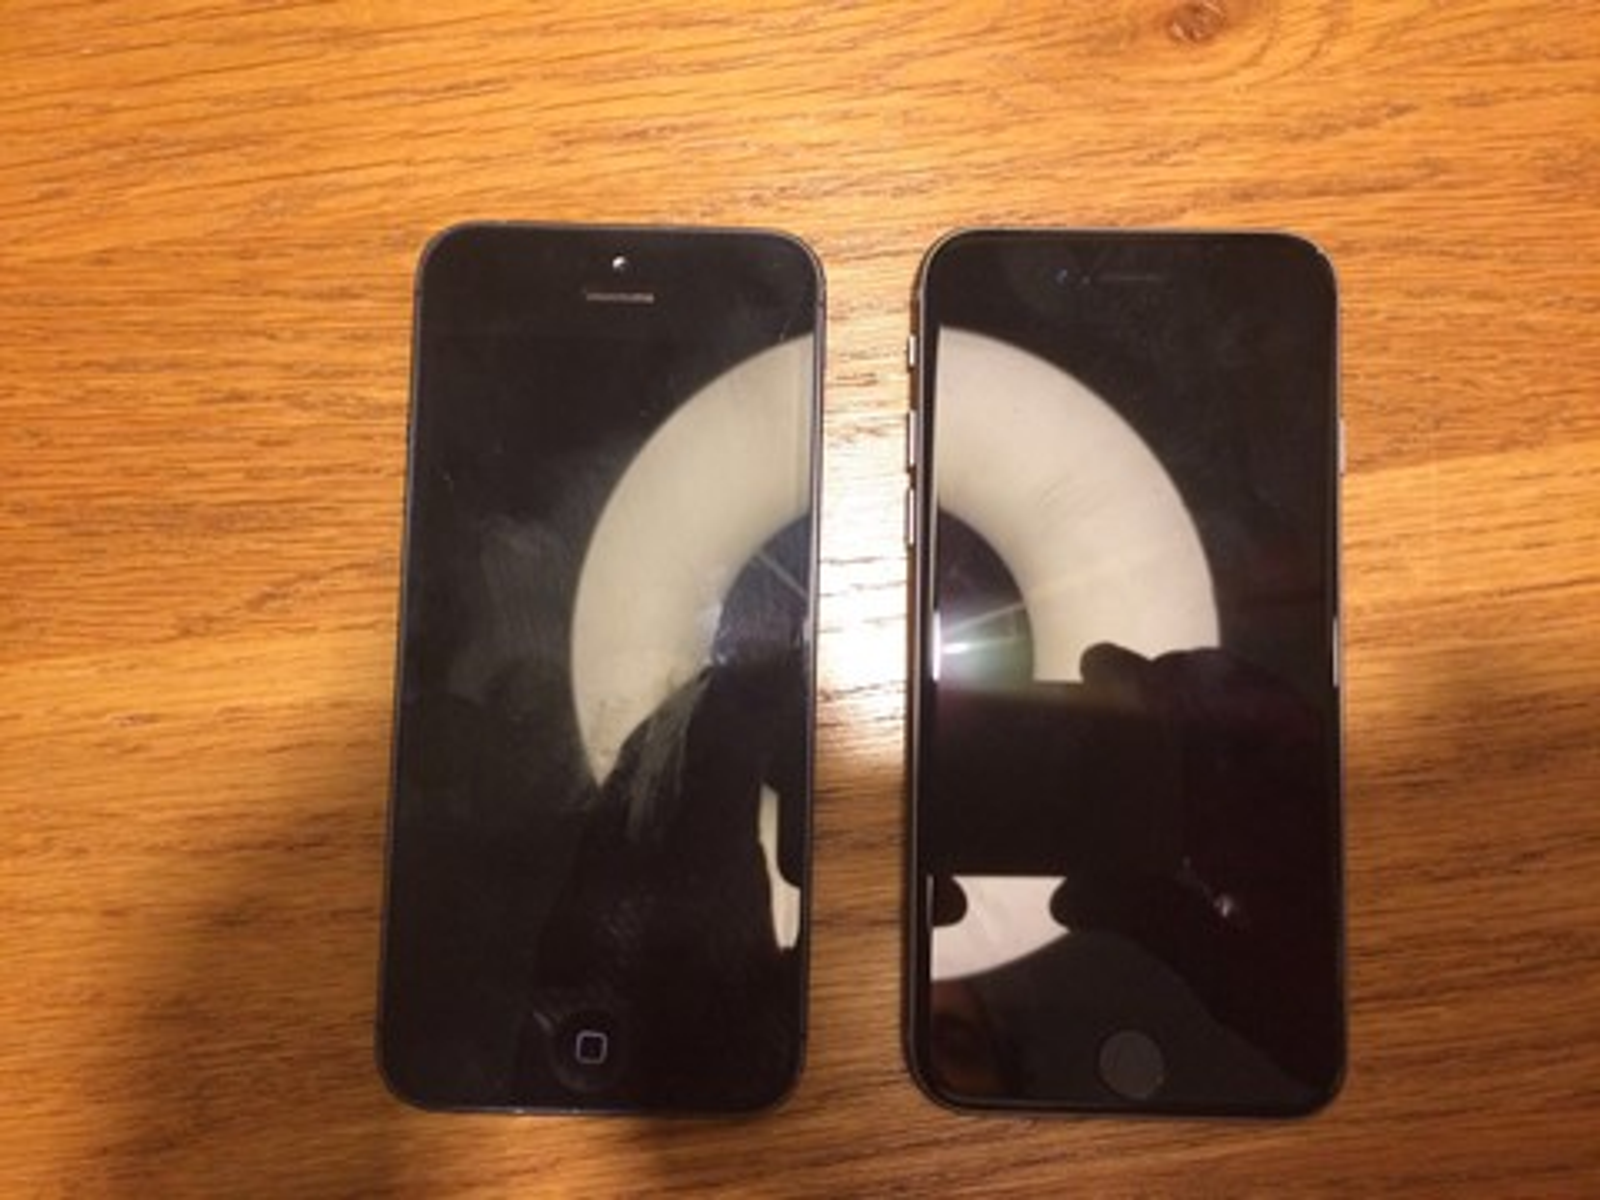 Imagem de Foto vazada do iPhone 6c confirma display d 4 polegadas [rumor] no tecmundo